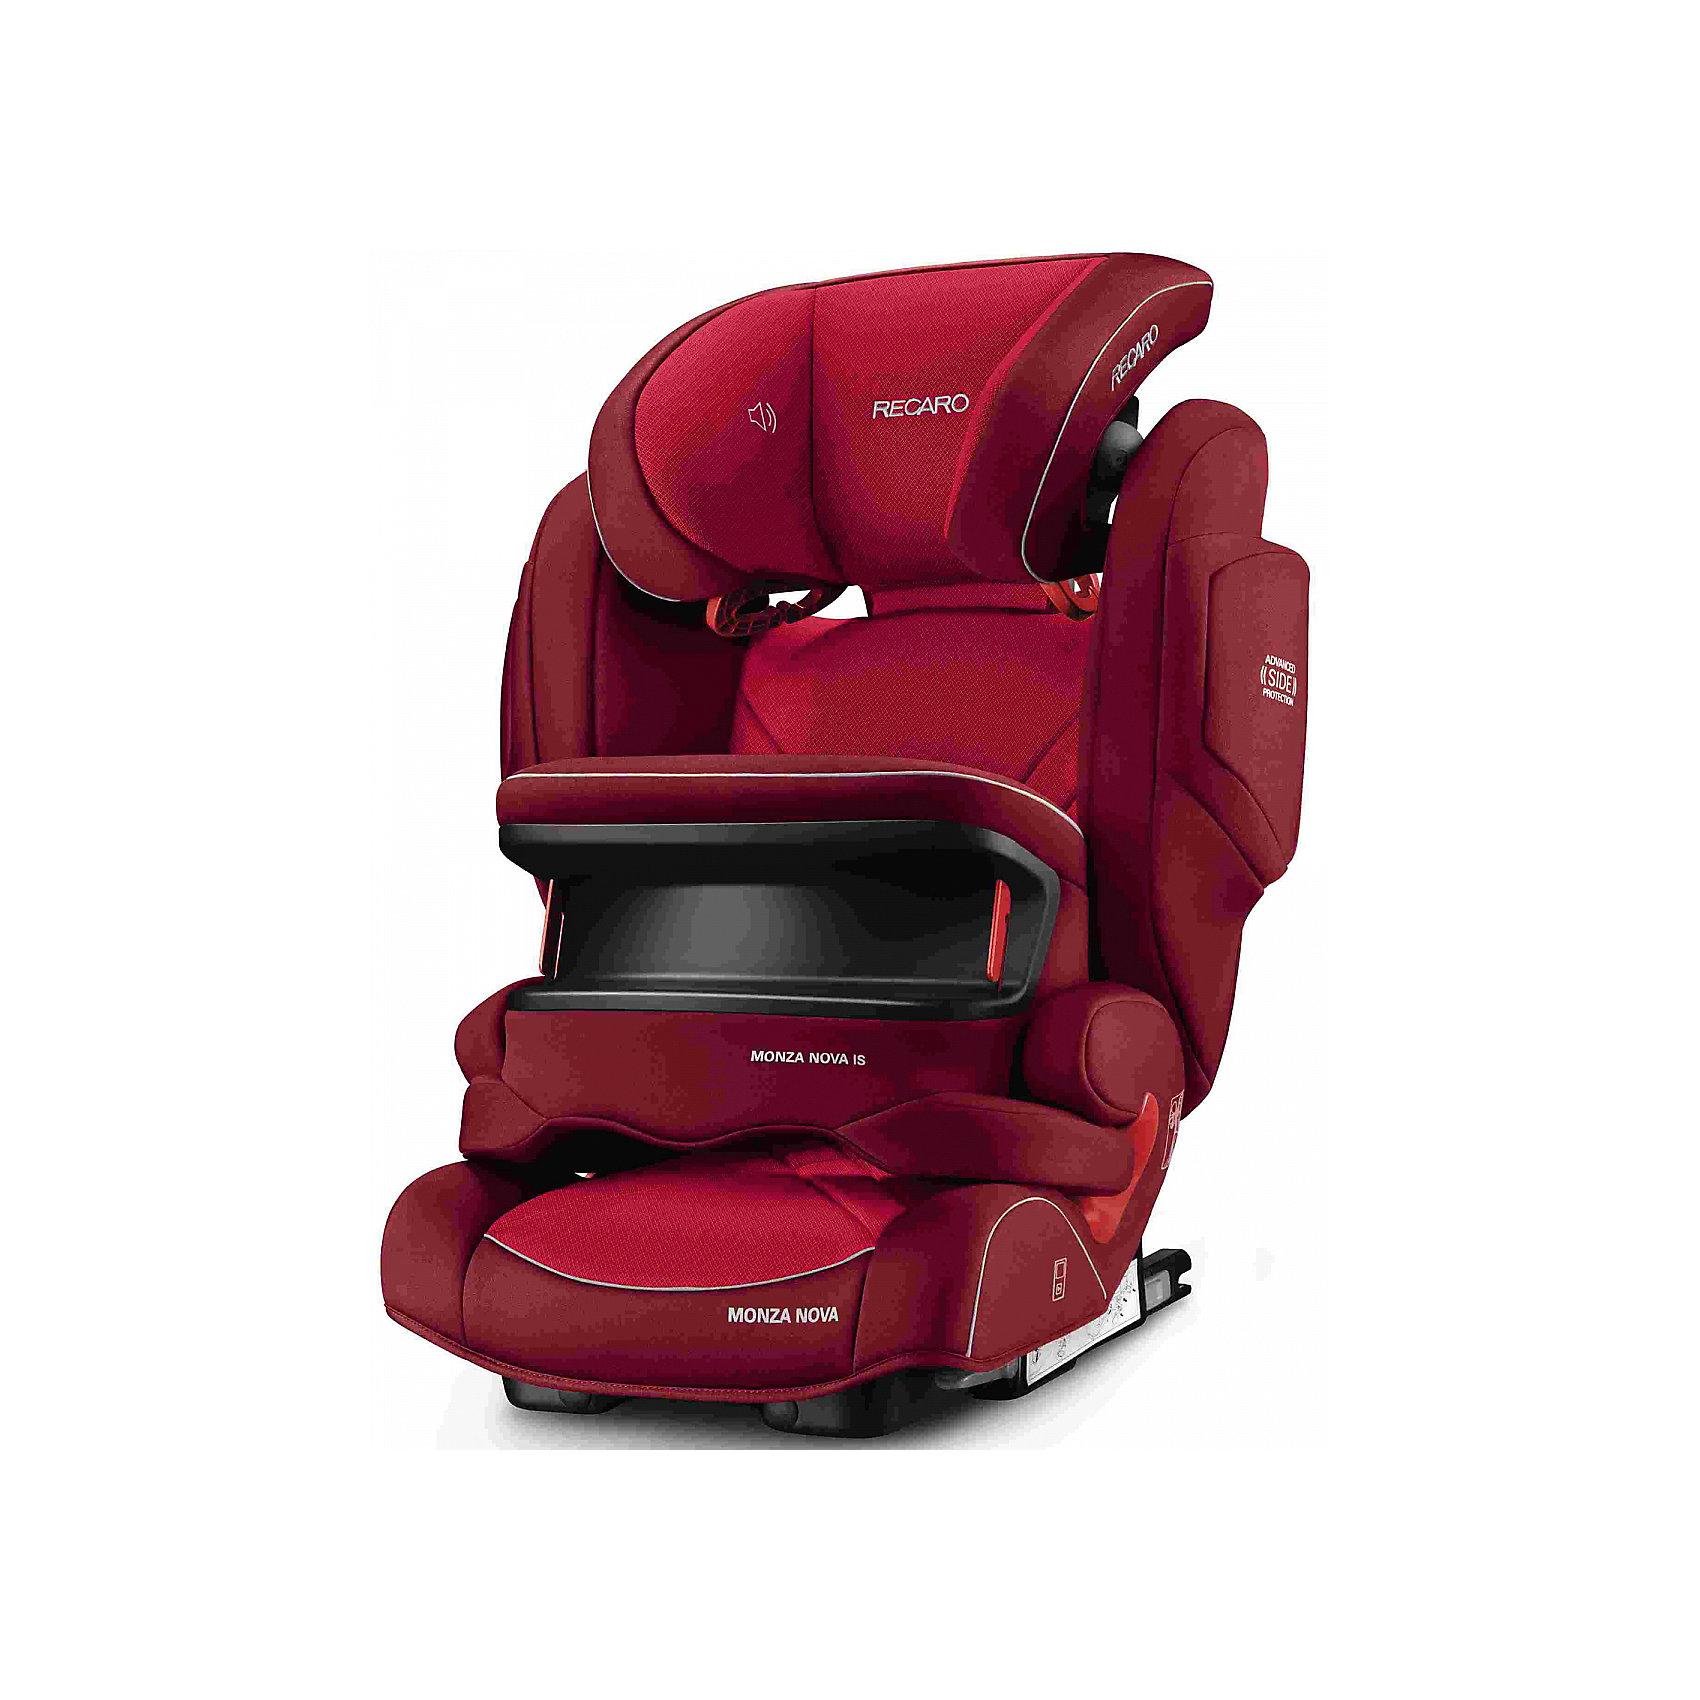 Автокресло RECARO Monza Nova IS Seatfix 9-36 кг, Indy RedГруппа 1-2-3 (От 9 до 36 кг)<br>Характеристики:<br><br>• группа: 1/2/3;<br>• вес ребенка: 9-36 кг;<br>• возраст ребенка: от 9 месяцев до 12 лет;<br>• способ крепления: IsoFix или штатными ремнями безопасности автомобиля;<br>• способ установки: лицом по ходу движения автомобиля;<br>• регулируется высота подголовника: 11 положений;<br>• имеется ростомер;<br>• регулируется глубина подголовника;<br>• перед ребенком находится специальный жесткий столик, который обеспечивает максимальную защиту ребенка от ударов при столкновении и резком торможении;<br>• угол наклона спинки подгоняется под угол сиденья автомобиля, слегка откидывается назад;<br>• имеются подлокотники, высота не меняется;<br>• сетчатый кармашек на боковой стороне автокресла;<br>• под сиденьем автокресла имеются пластиковые опорные элементы;<br>• в боковинках автокресла находятся встроенные динамики;<br>• усиленная боковая защита, 12 см;<br>• материал: пластик, полиэстер;<br>• размеры автокресла: 48х55х74 см;<br>• вес: 8 кг.<br><br>Автокресло Monza Nova IS Seatfix будет сопровождать вас и вашего кроху вплоть до достижения ребенком возраста 12 лет. Автокресло укомплектовано дополнительными аксессуарами для наибольшей безопасности ребенка на каждом этапе его взросления. Когда вес малыша находится в пределах 9-18 кг, эргономичный защитный столик вместе с 3-х точечным ремнем безопасности автомобиля обеспечивают максимальную безопасность. Автокресло обязательно используется со столиком, пока кроха не достигнет определенного роста и веса (95 см/18 кг).<br><br>Автокресло устанавливается на заднем сидении автомобиля с помощью системы Изофикс. Выдвижные крепления кресла совмещаются с системой Изофикс в автомобиле.<br>Обивка автокресла выполнена из дышащего материала, который не впитывает посторонние запахи. Автокресло оснащено вентиляционными отверстиями для циркуляции воздуха и регуляции теплообмена. Чехлы автокресла съемные, допускается стирка при температуре